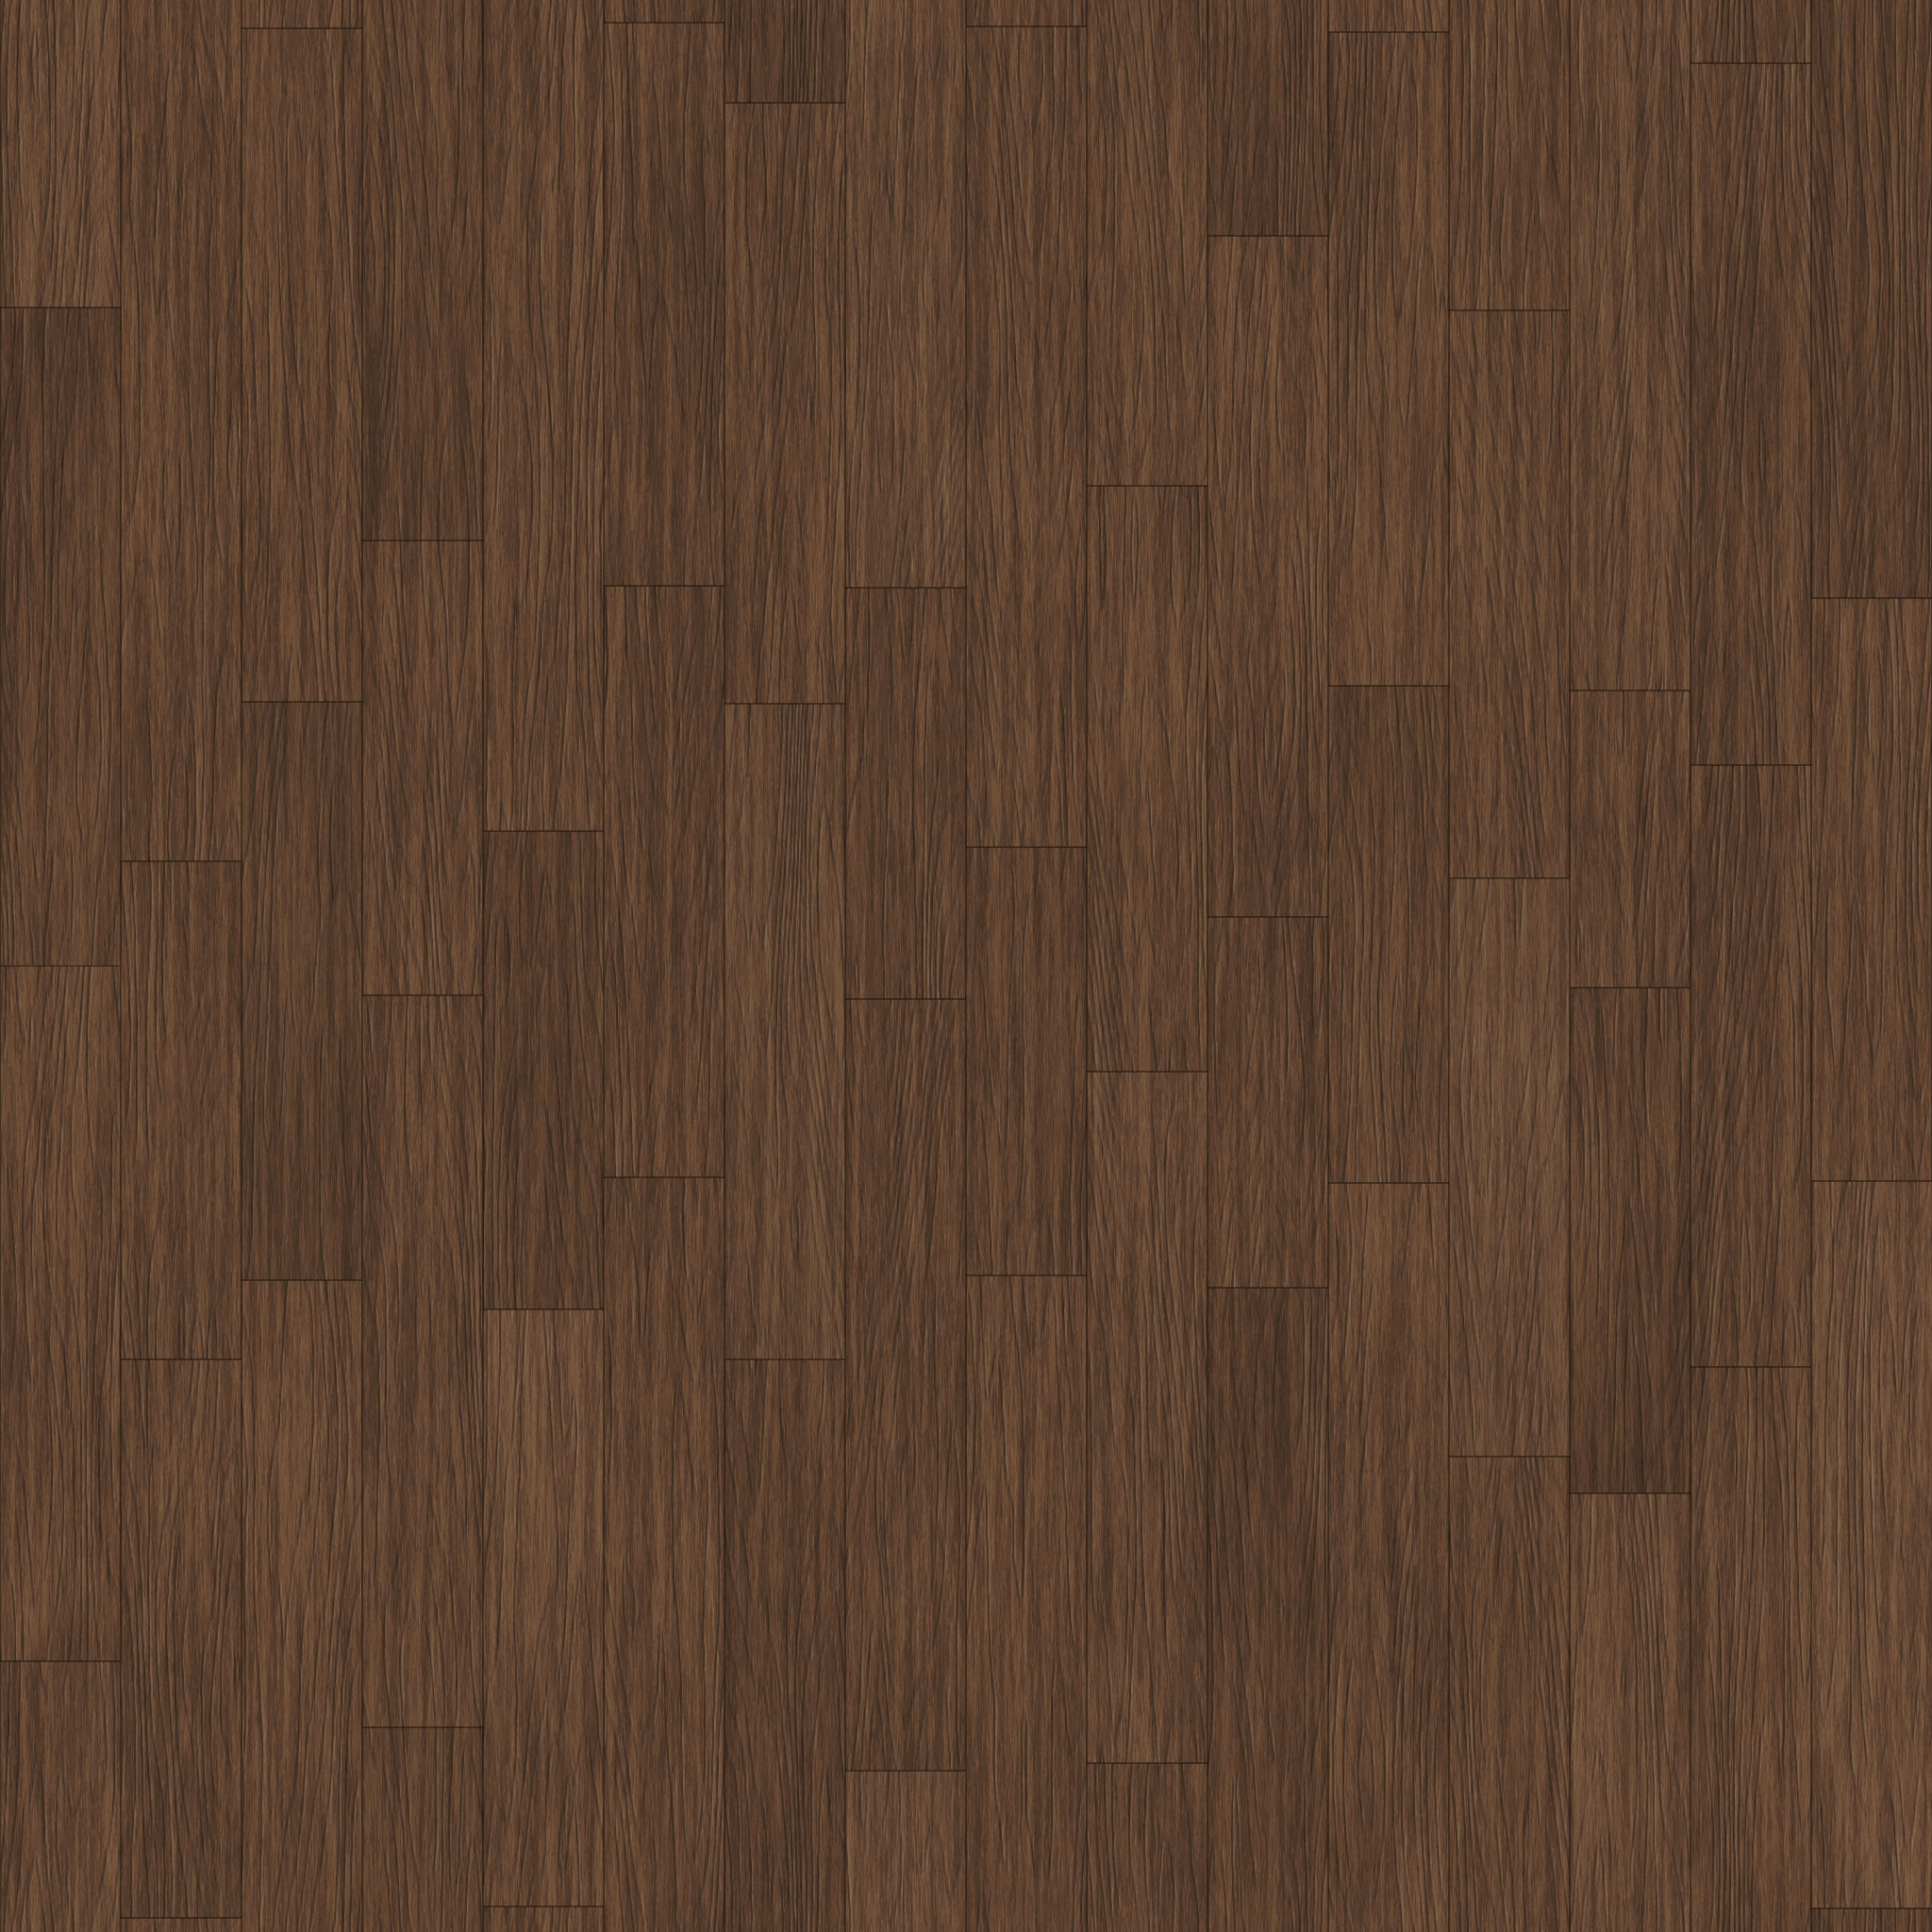 Dark Wooden Floor Texture [Tileable | 2048x2048]